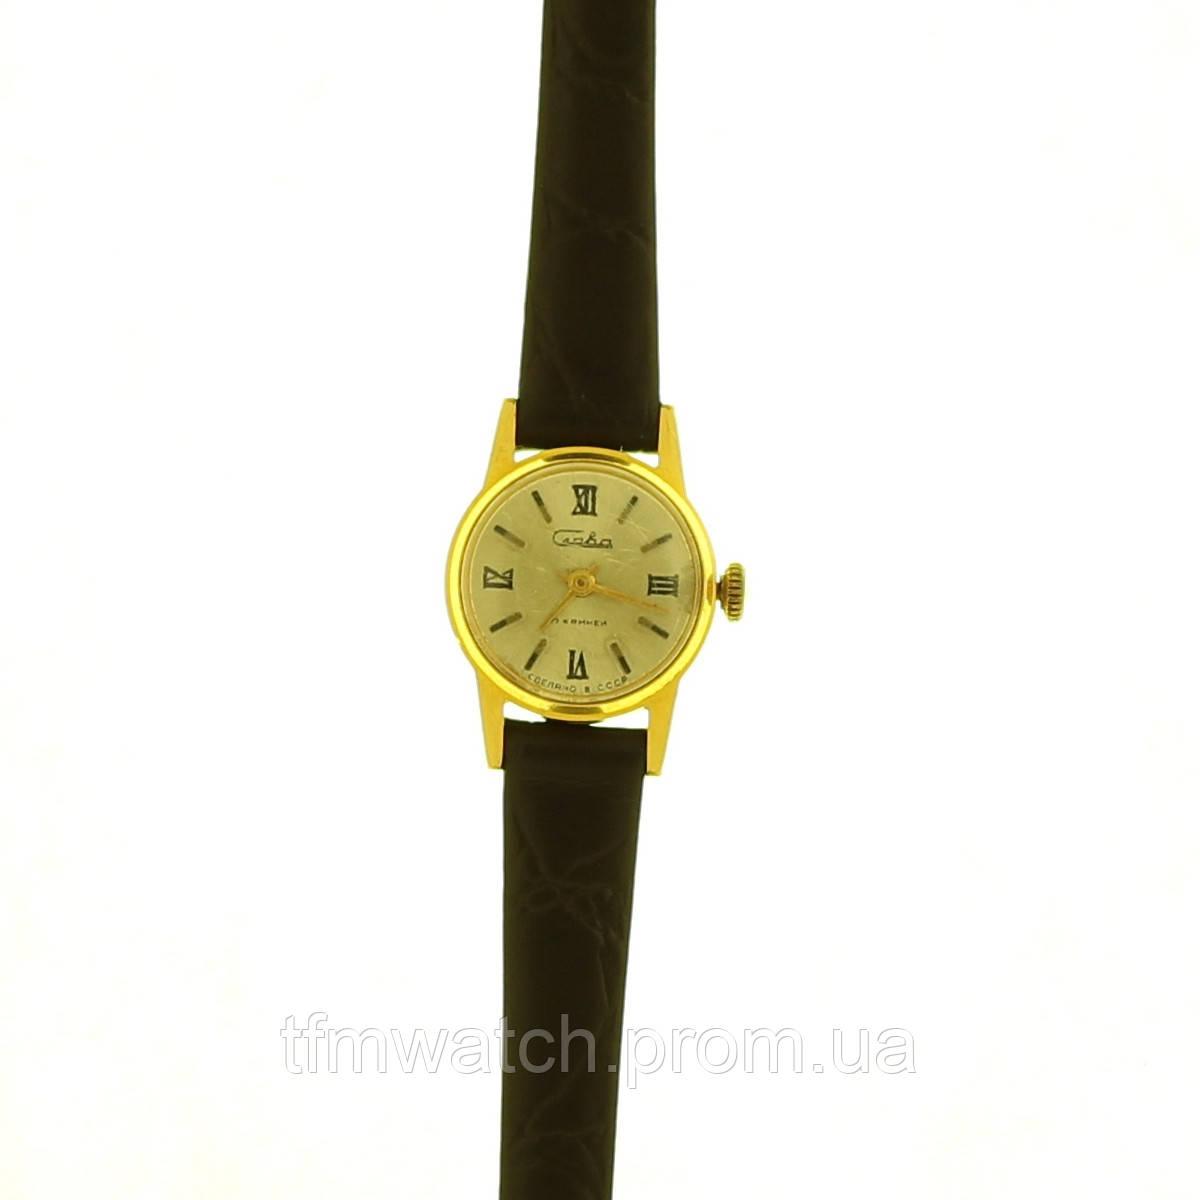 Слава женские механические часы СССР